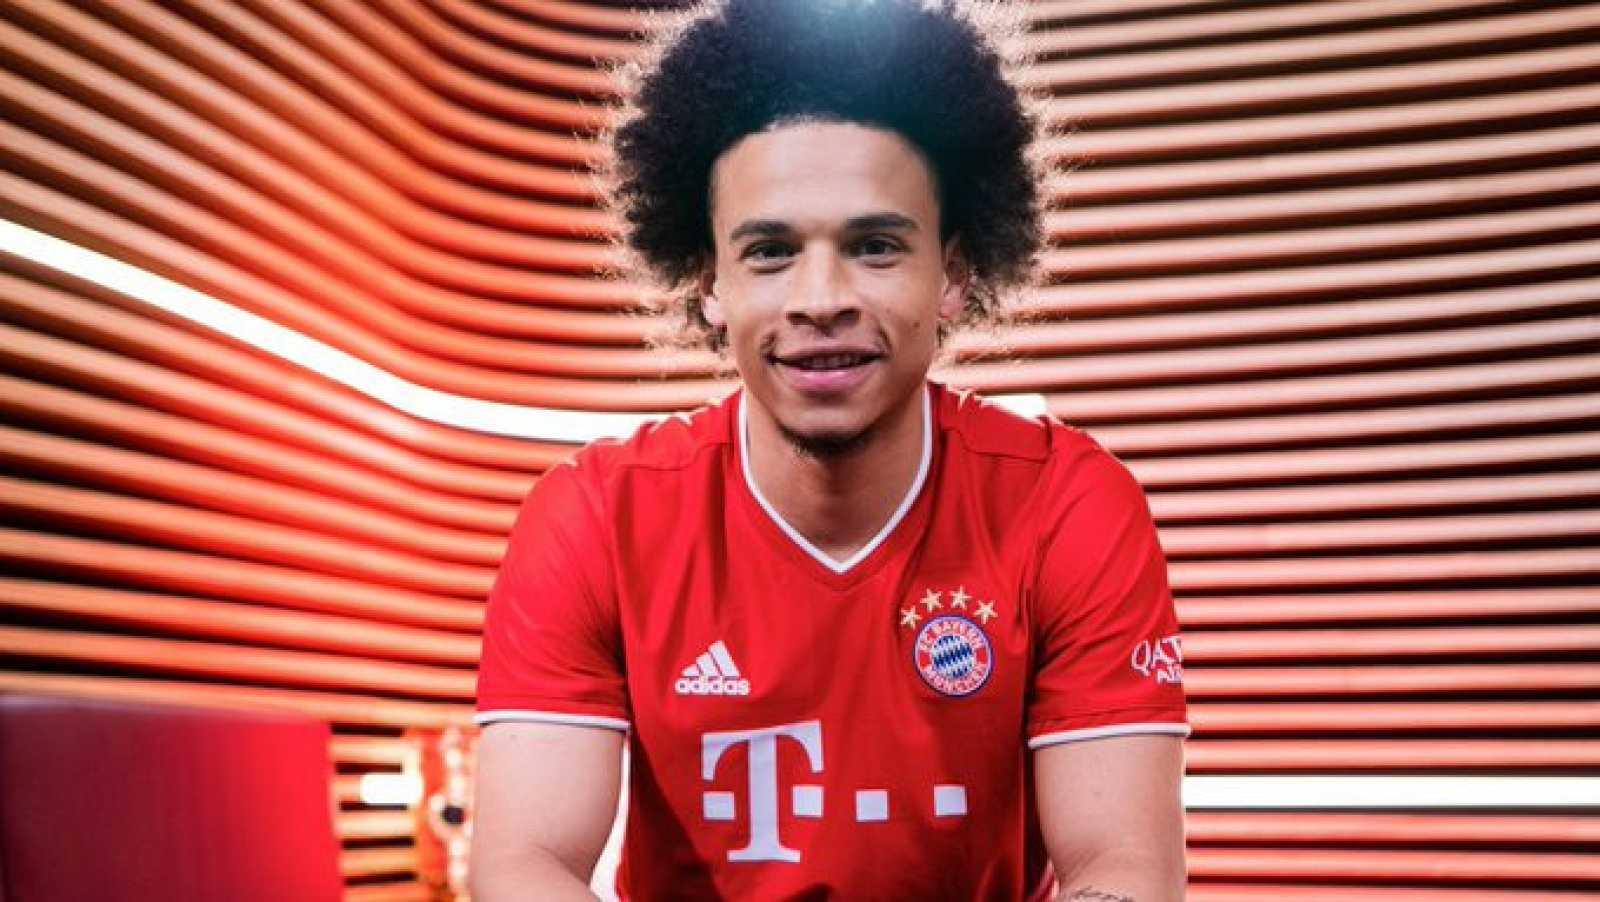 Imagen de Leroy Sané posando ya con la camiseta del Bayern de Múnich.